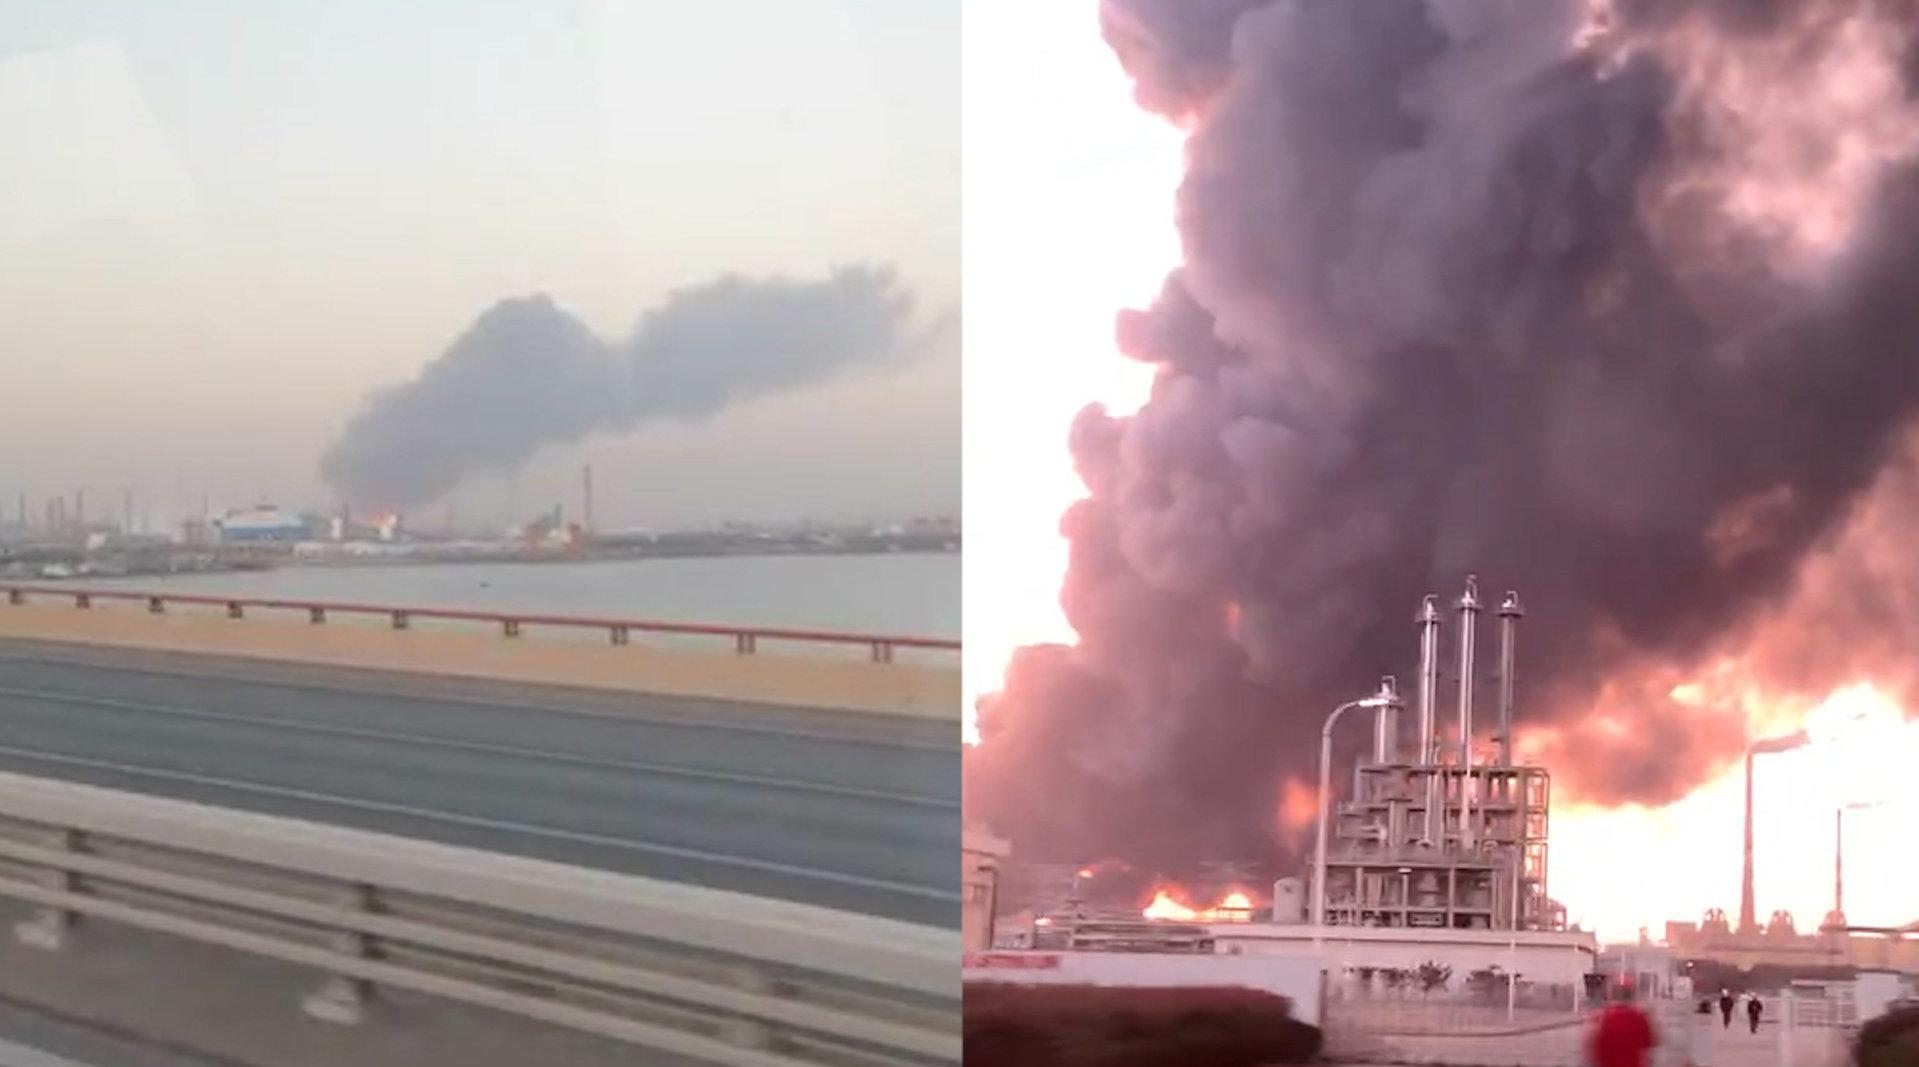 南京扬子石化丁苯装置起火爆炸  消防紧急前往处置暂无伤亡报告